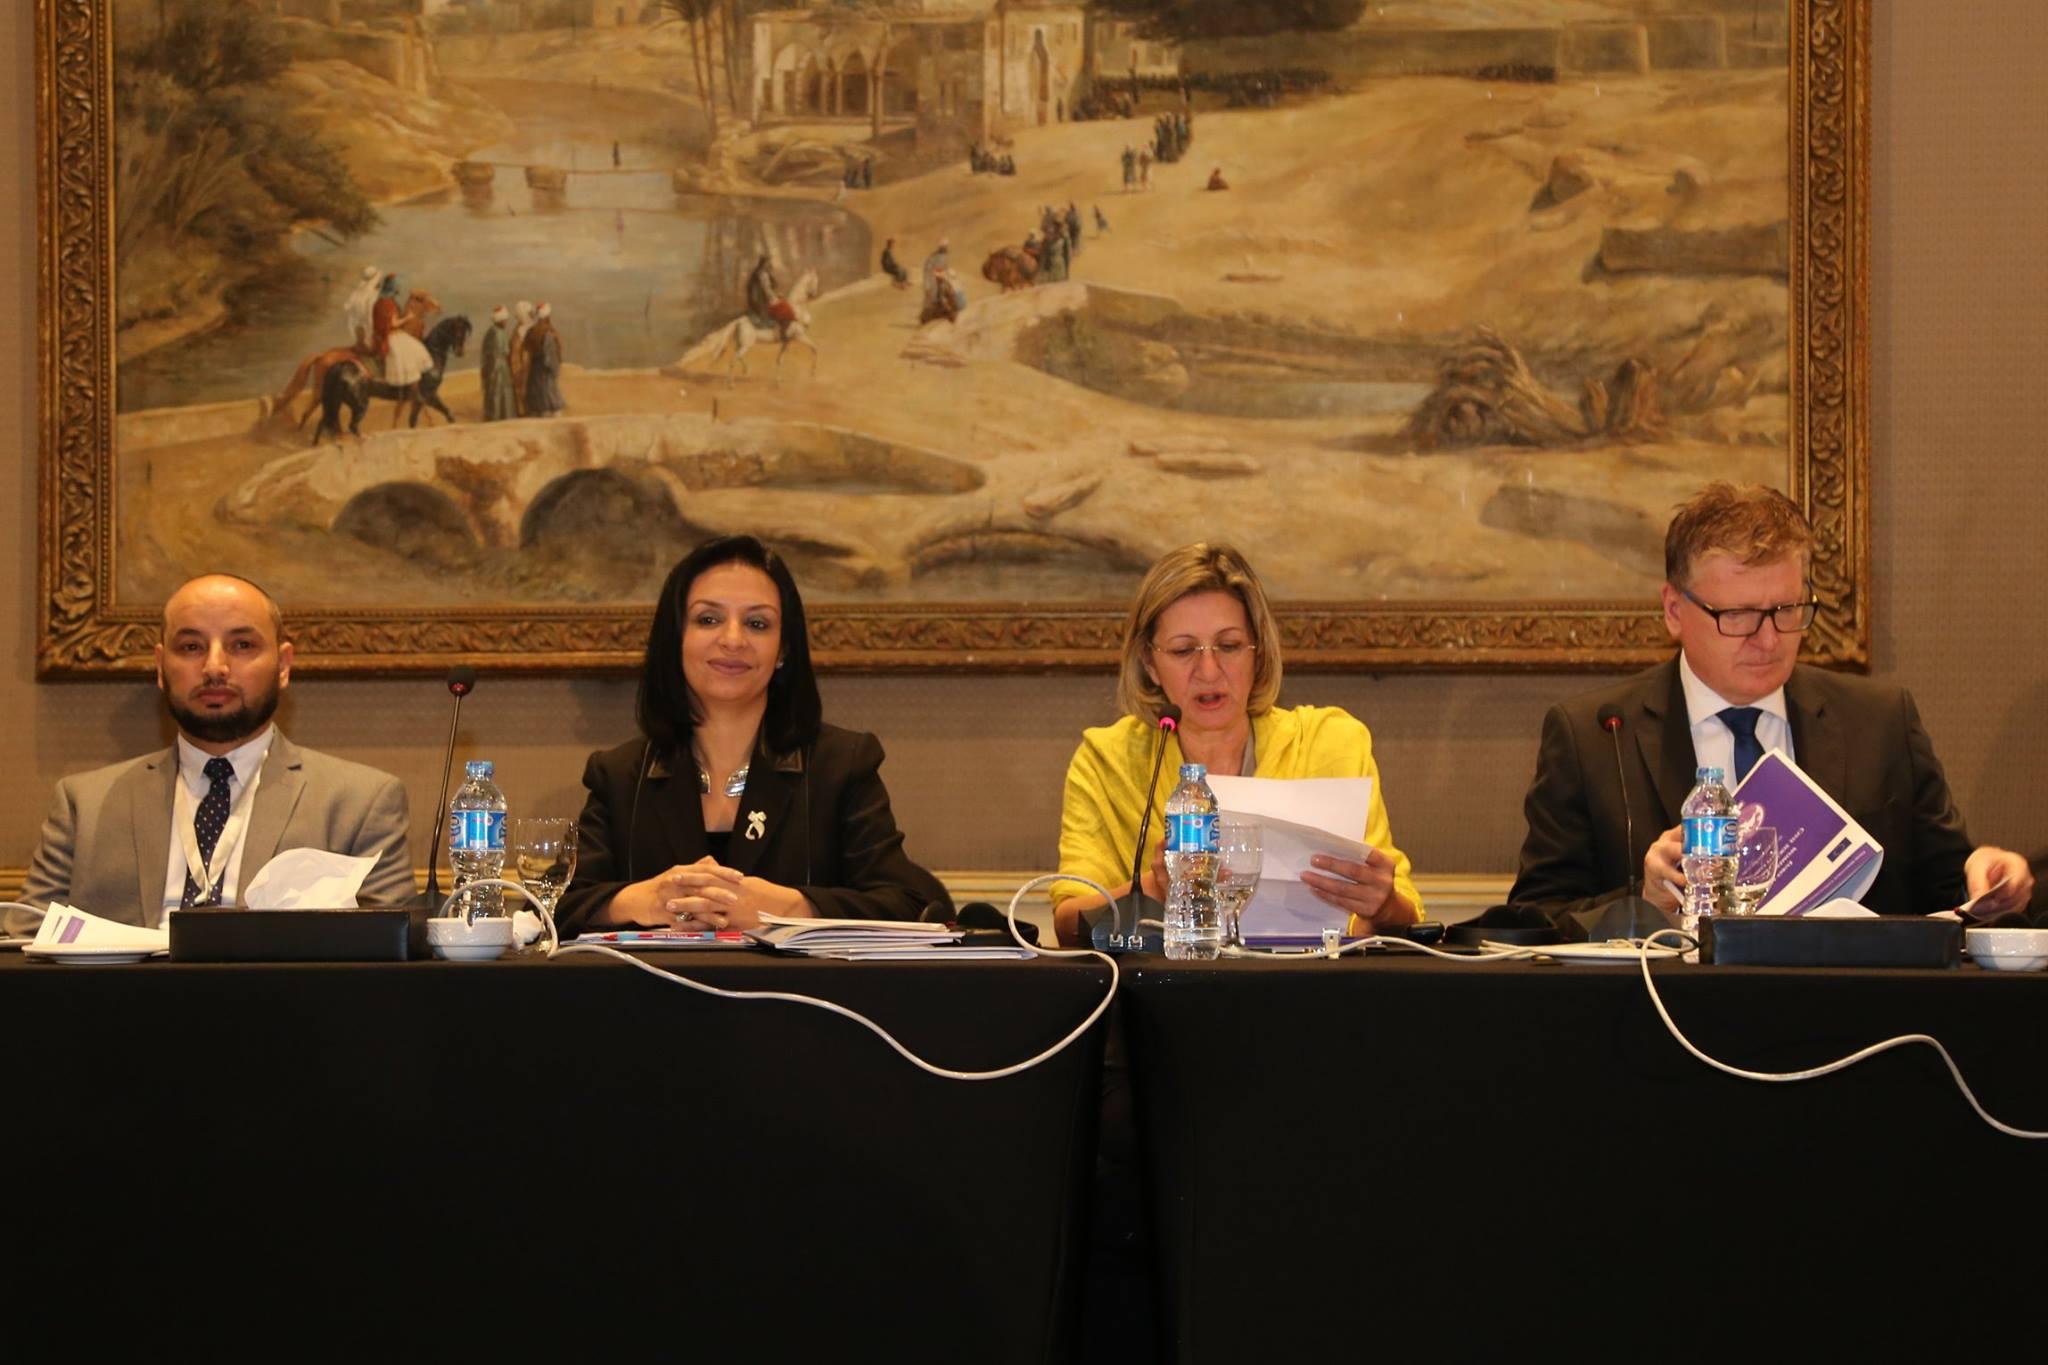 """مشاركة """"مايا مرسى """" فى فعاليات الجلسة الافتتاحية لمؤتمر """"منظمات المجتمع المدني لحقوق النساء فى المنطقة الأورومتوسطية"""""""